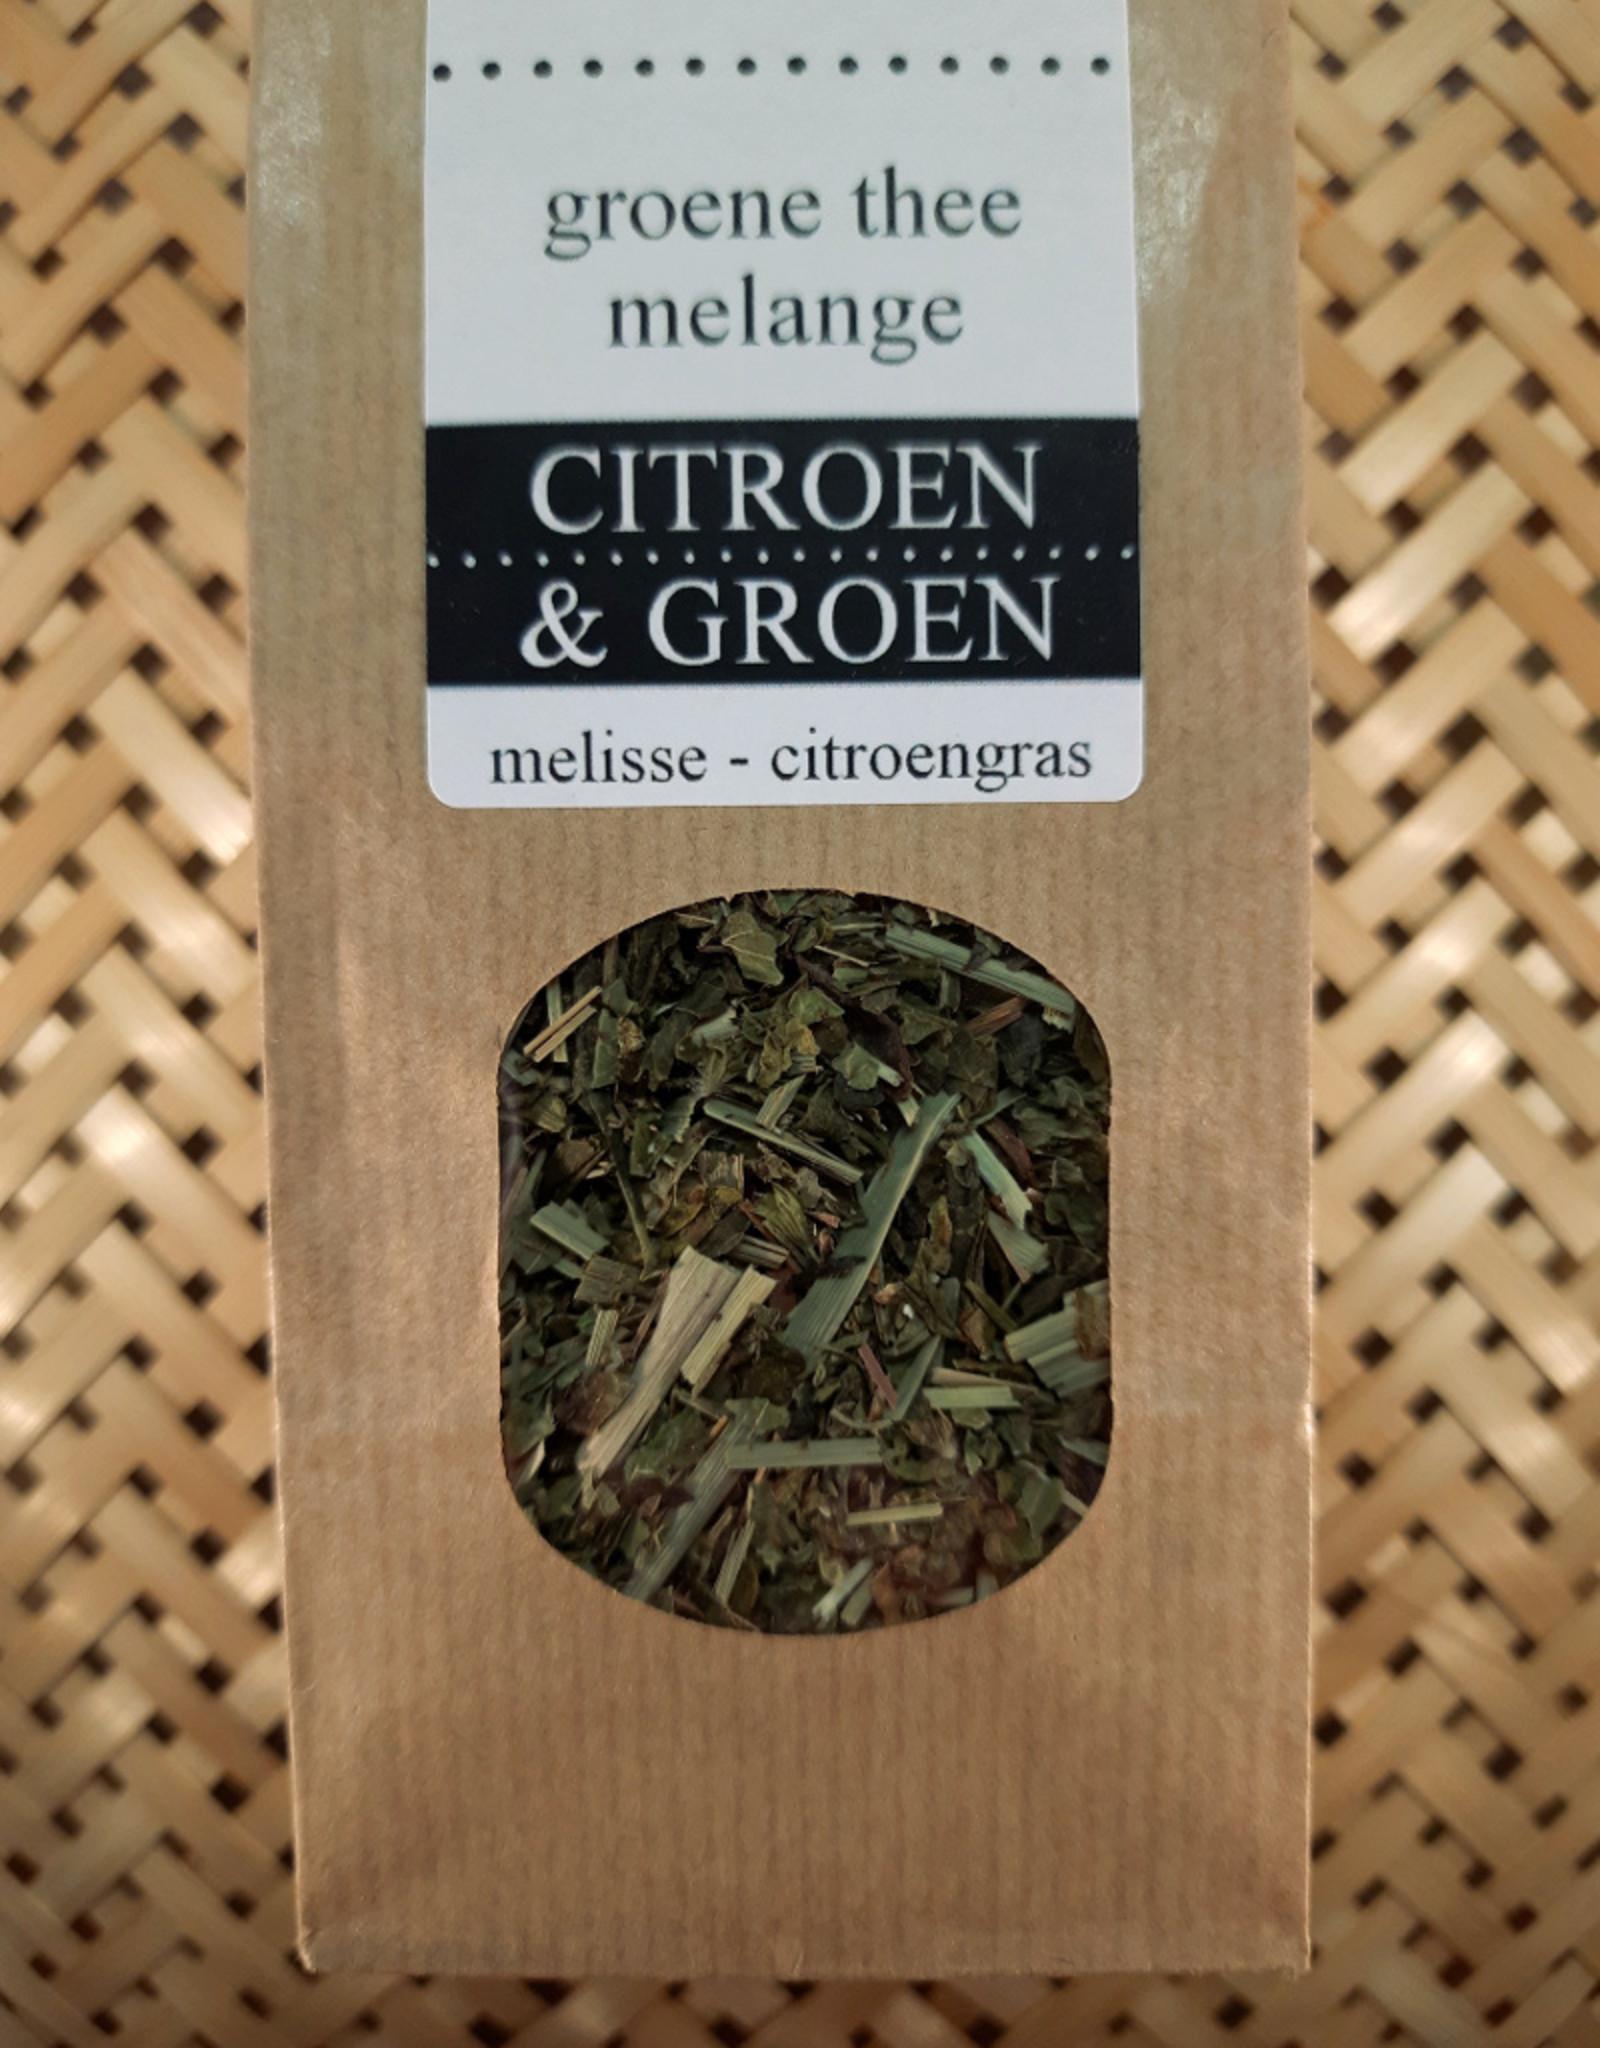 Citroen & Groen sencha melange